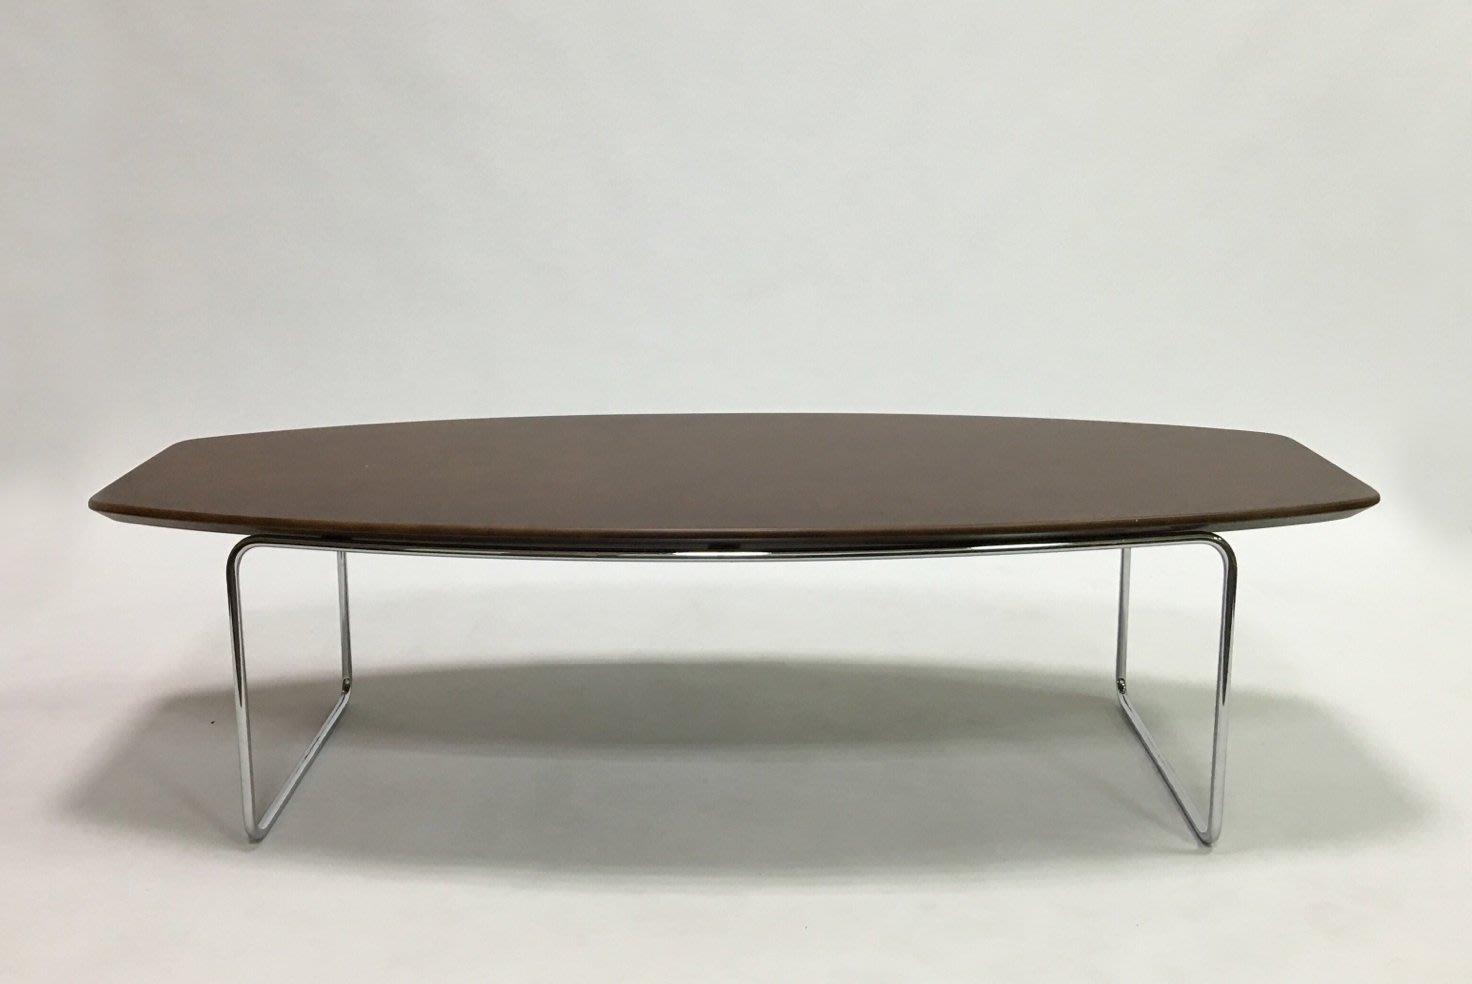 =東方木= 日式咖啡桌 茶几 電鍍桌腳一體成型